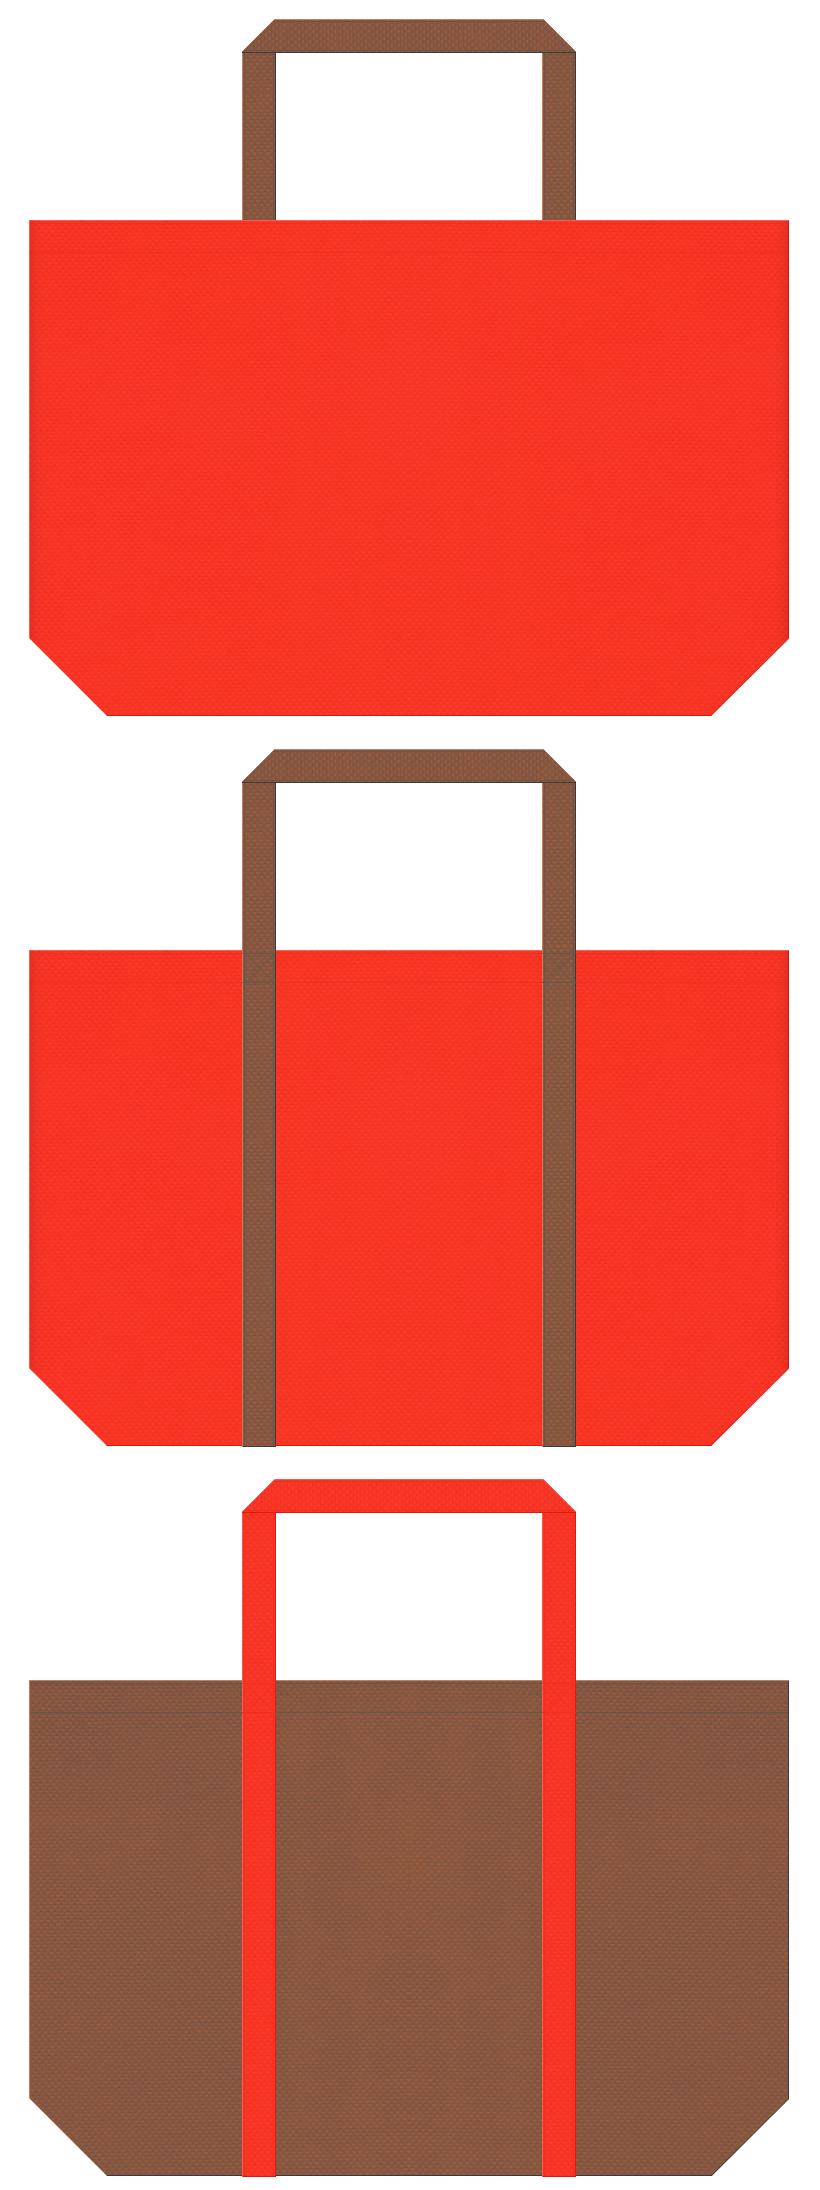 オレンジ色と茶色の不織布バッグデザイン。ハロウィン商品のショッピングバッグにお奨めです。